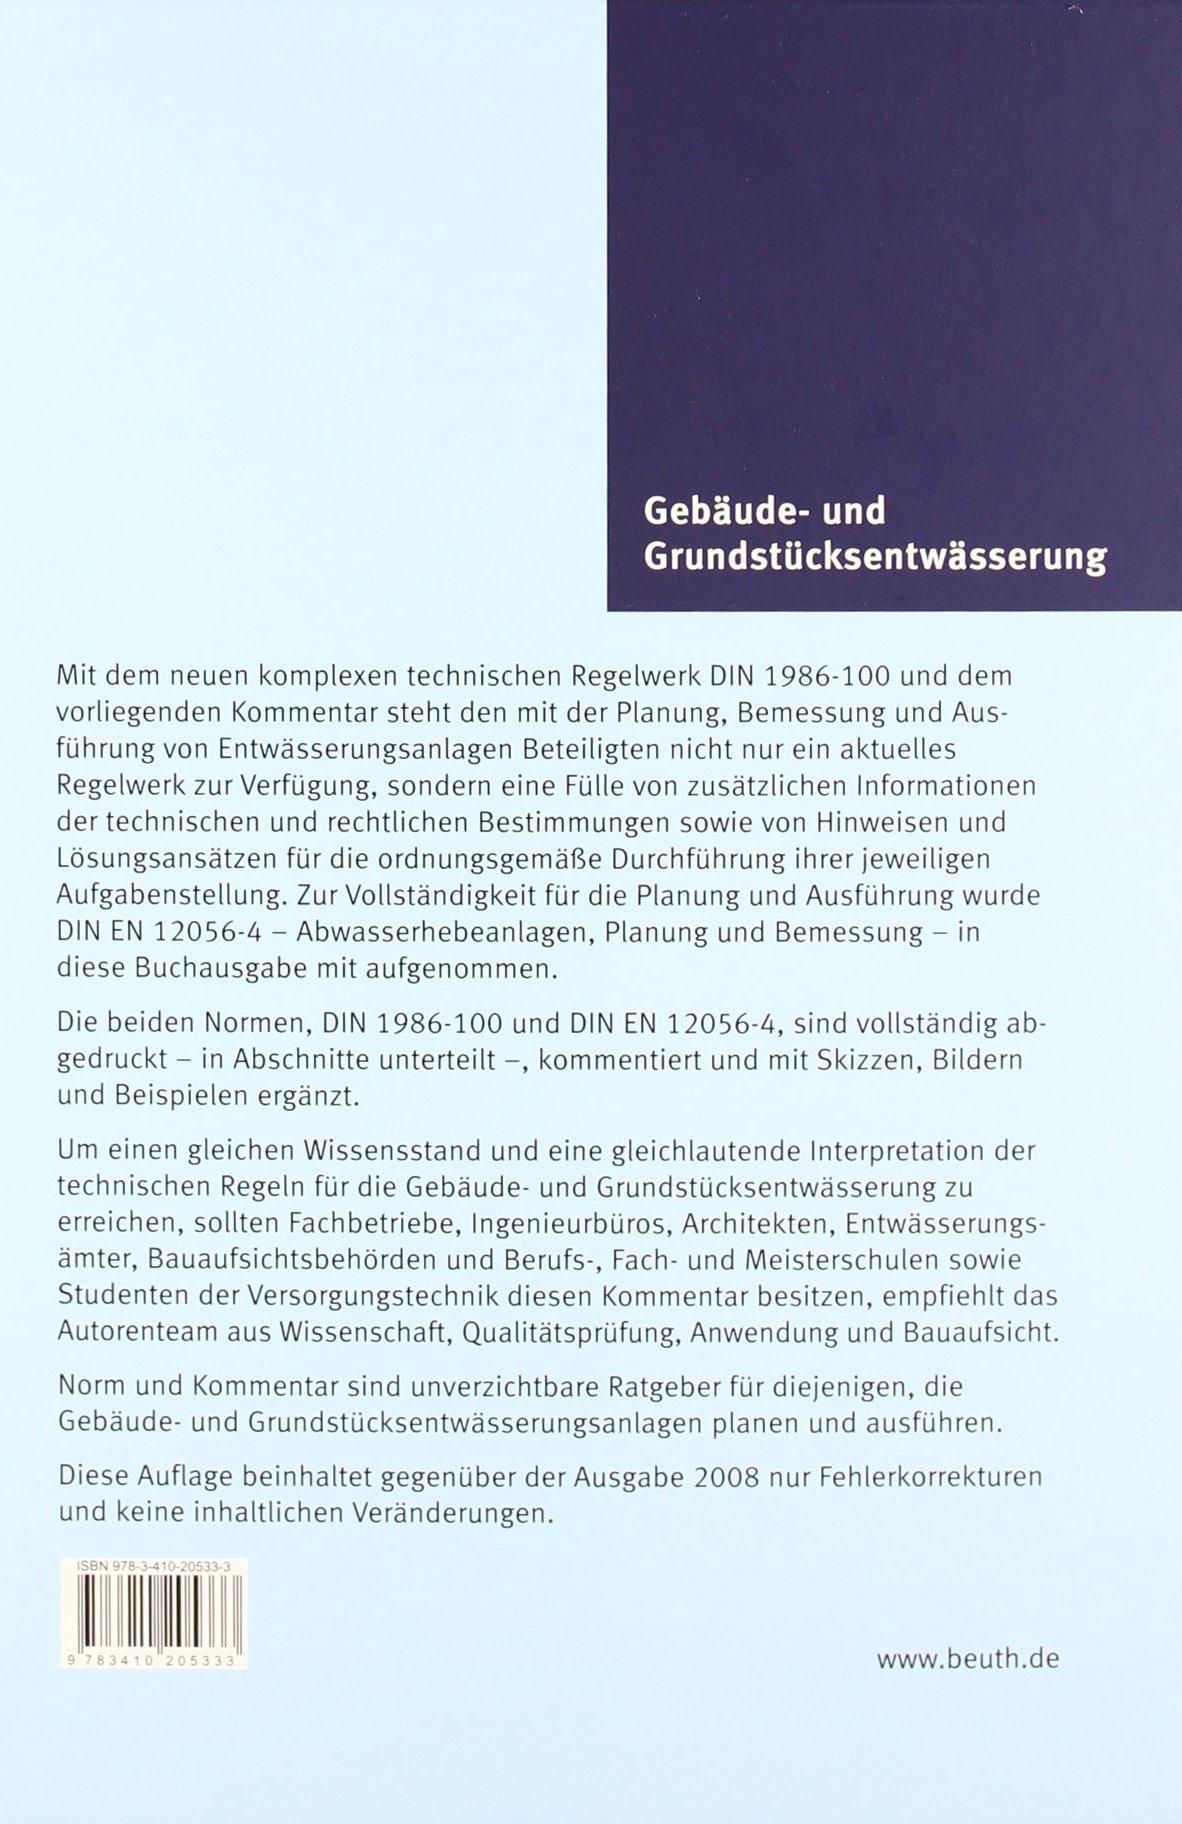 Gebäude- und Grundstücksentwässerung: Planung und Ausführung DIN ...